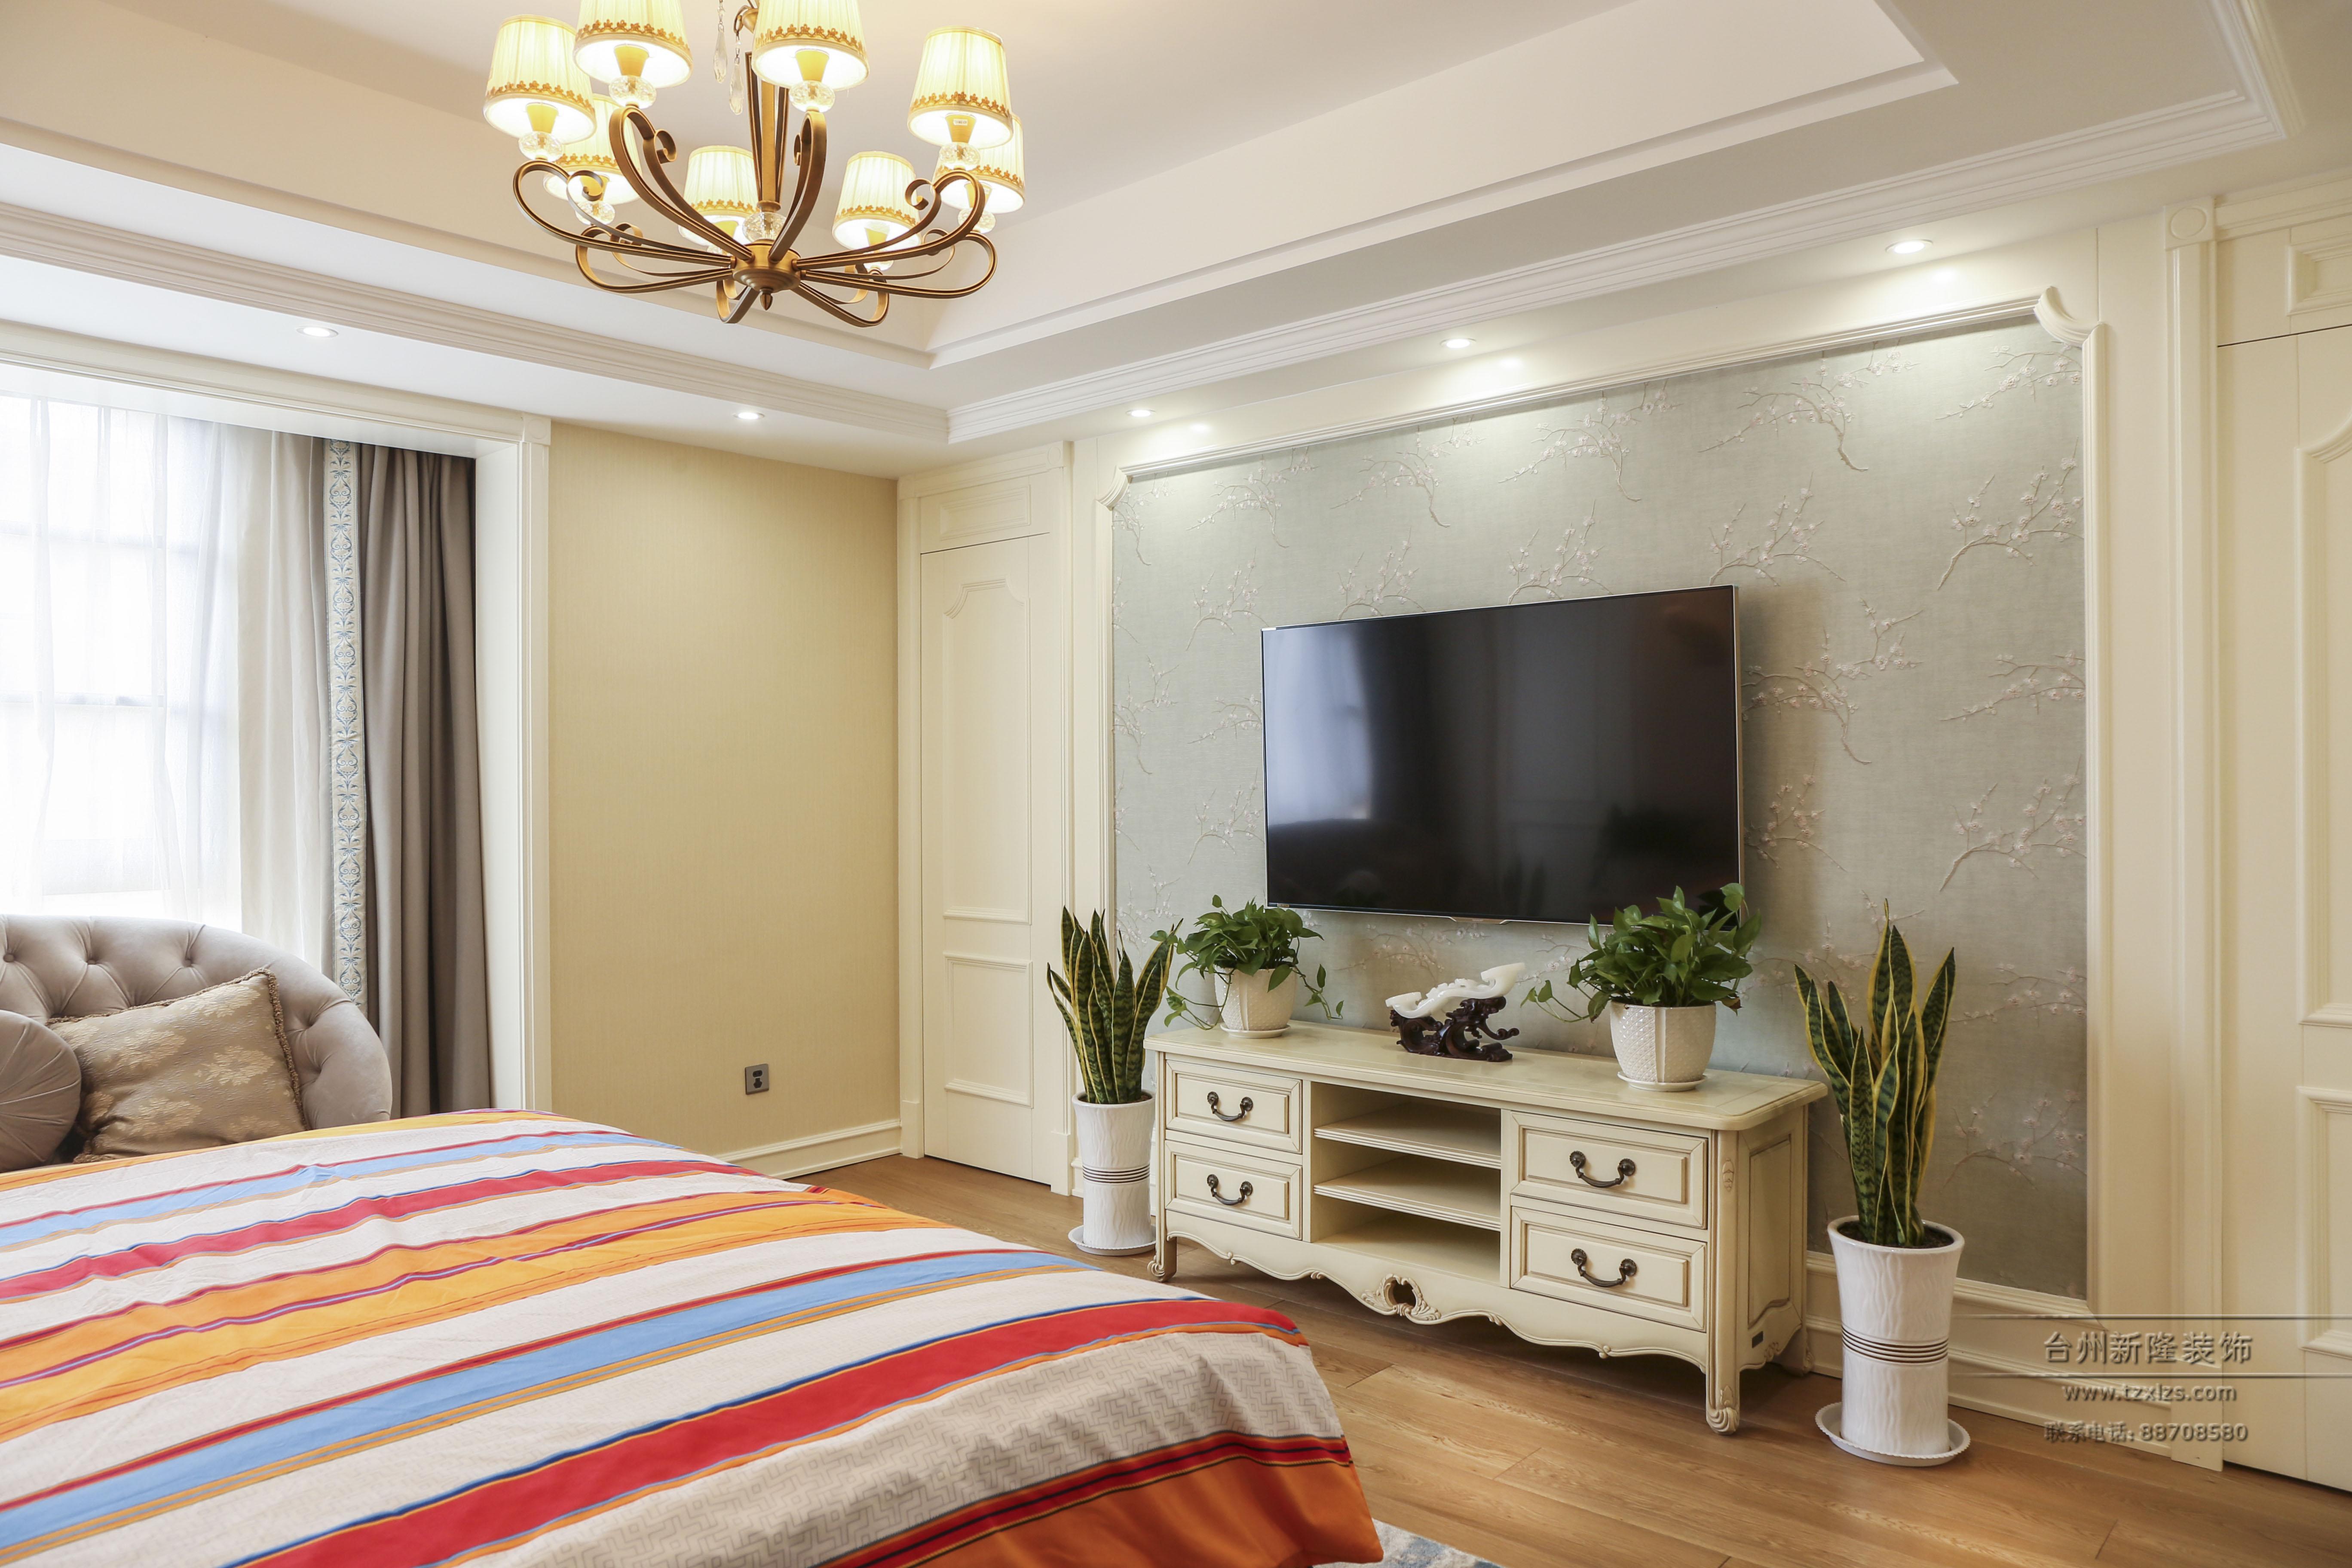 欧式时尚别墅装修卧室效果图